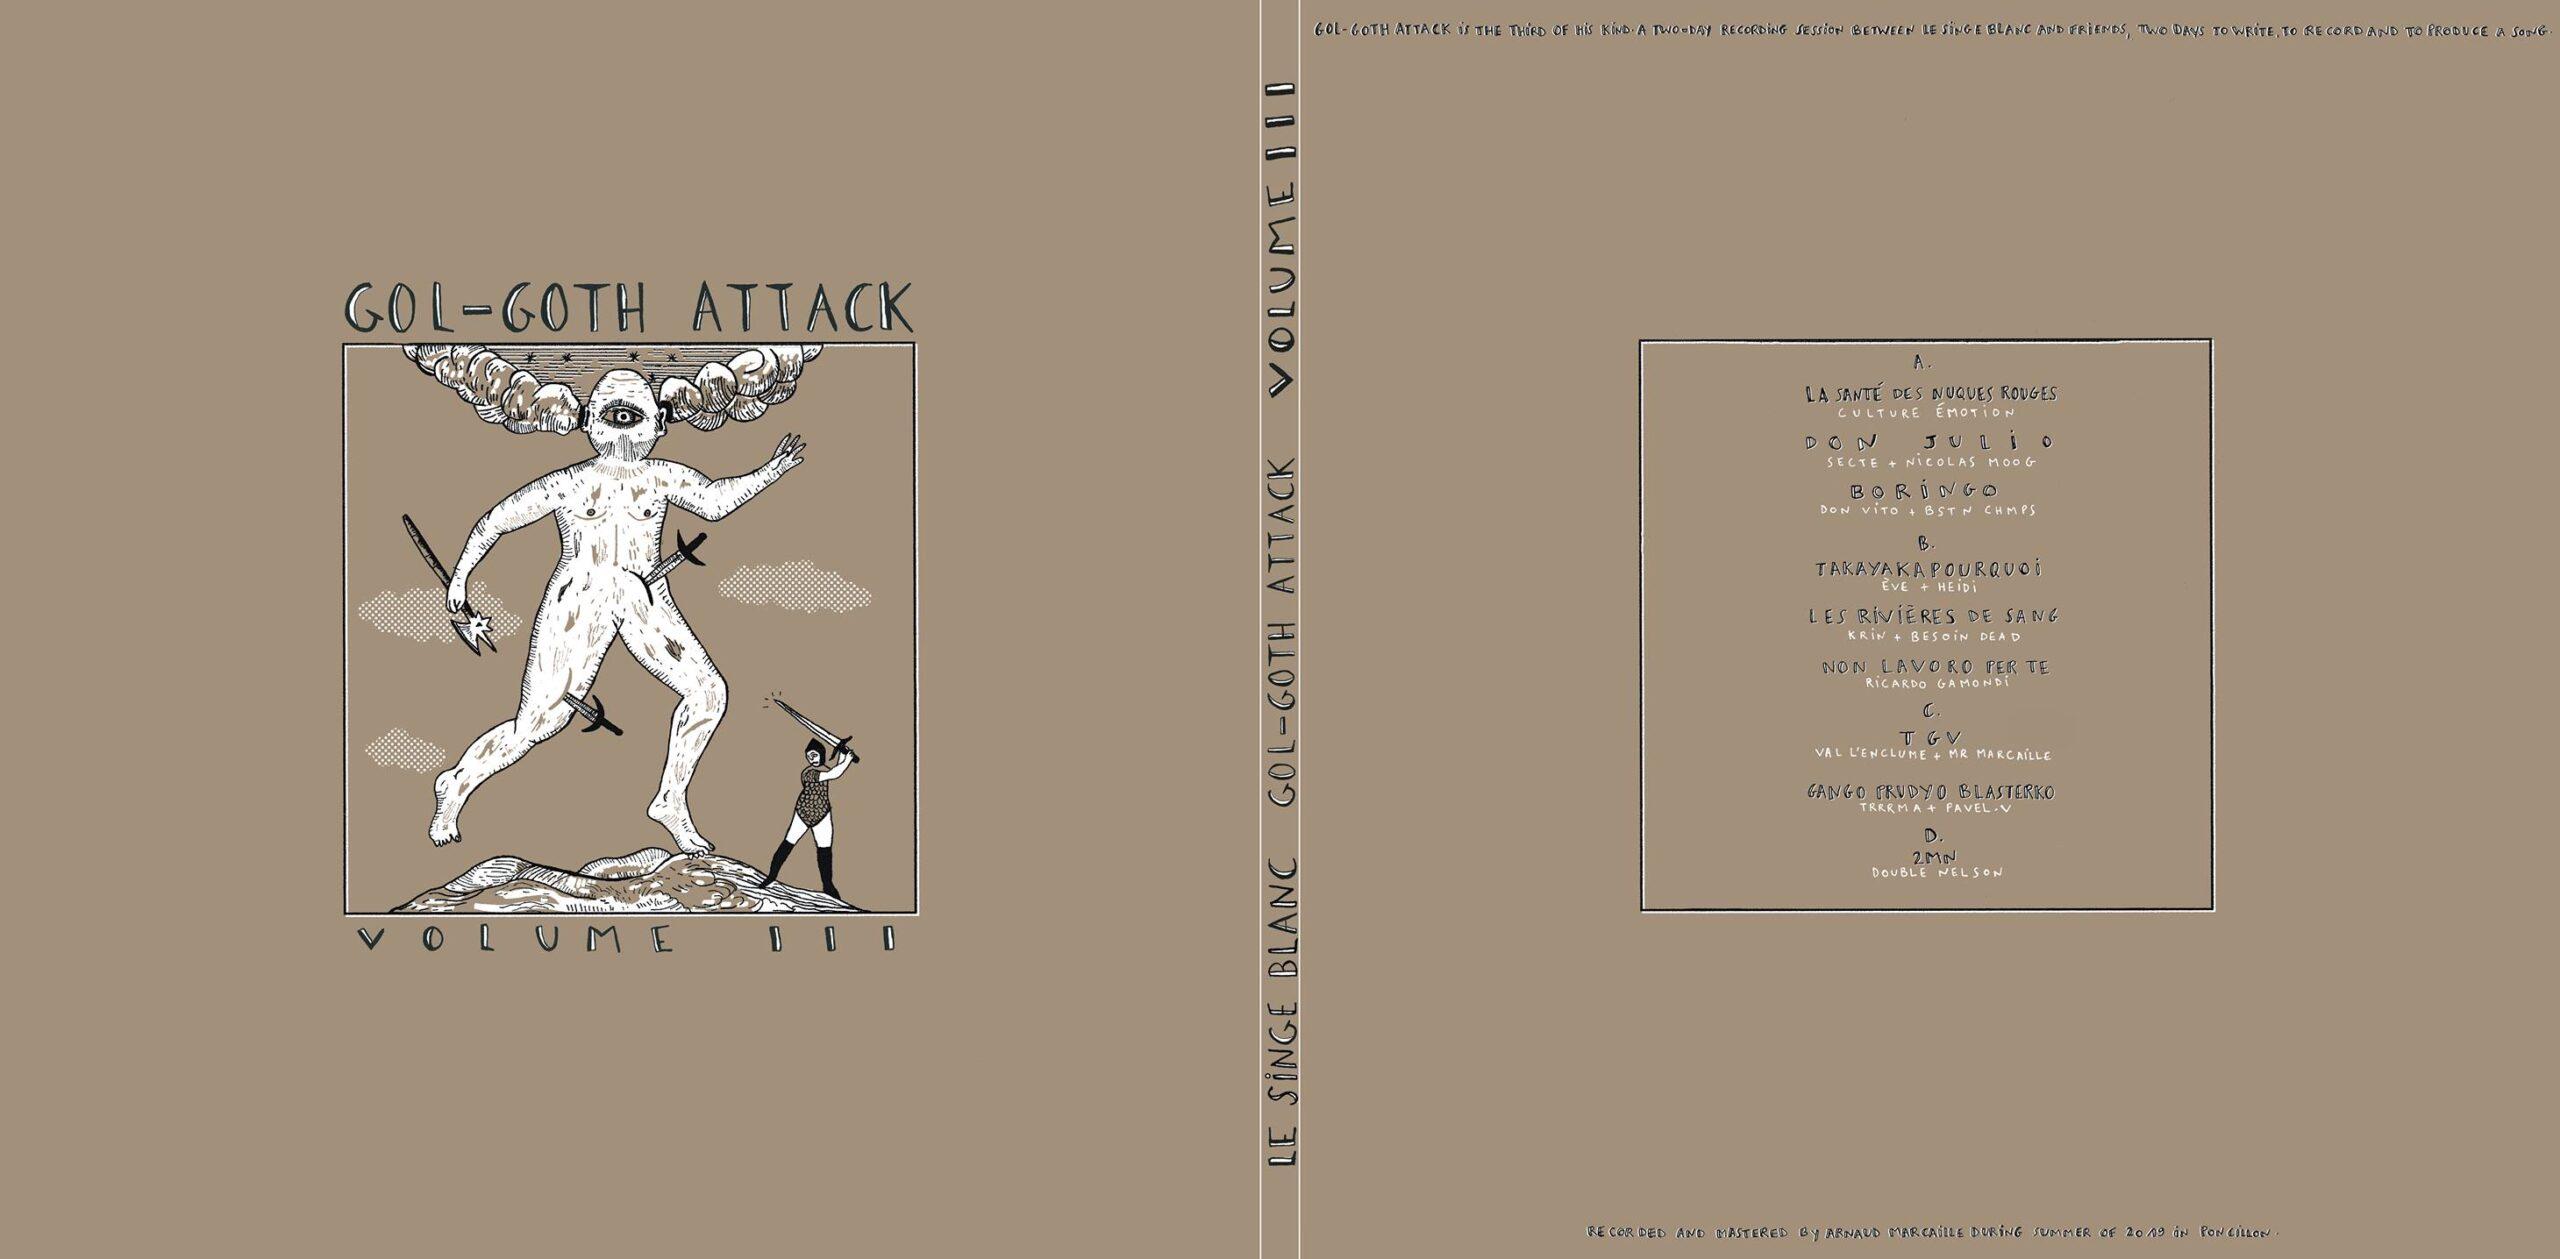 Gol-Goth Attack III